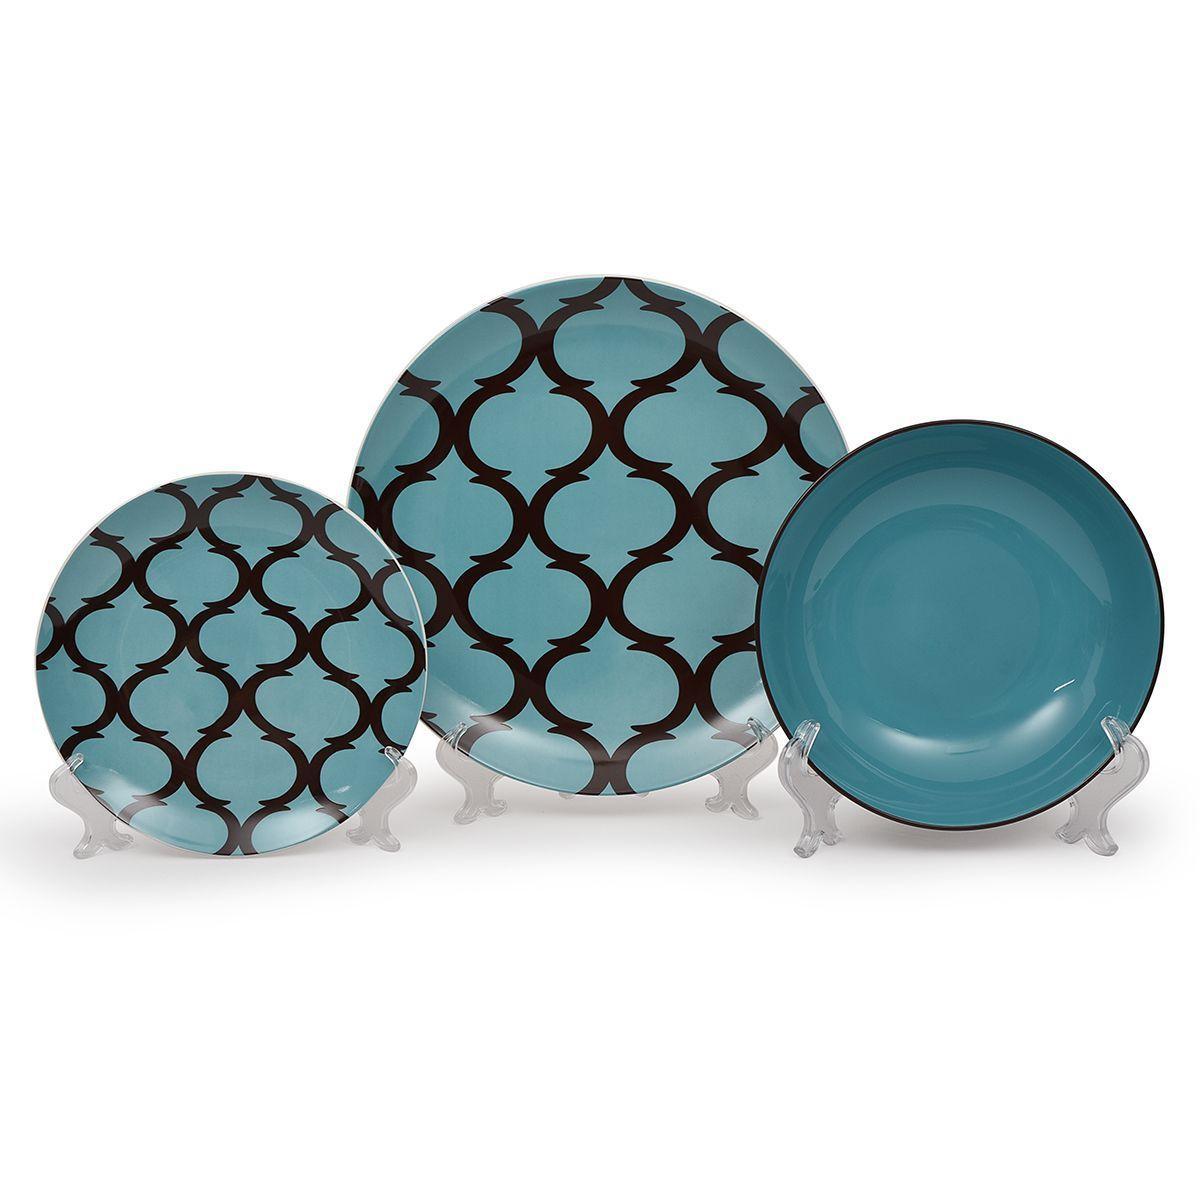 Фарфоровый столовый сервиз на 6 персон с узорами в шоколадно-бирюзовых тонах Glamour  - фото